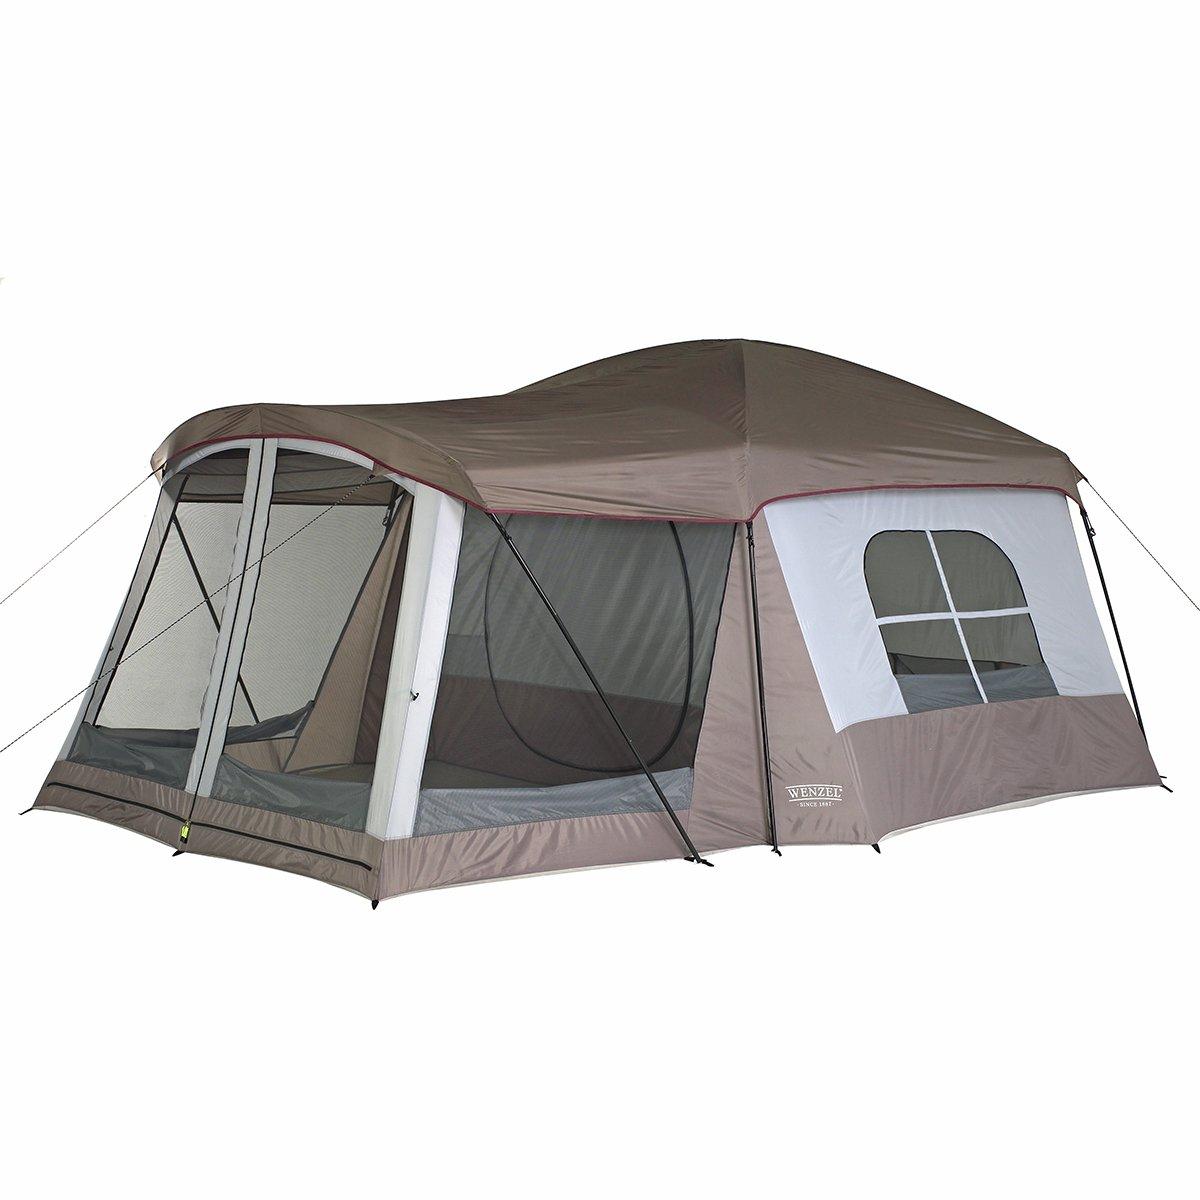 Wenzel Klondike Family Cabin Dome Tent